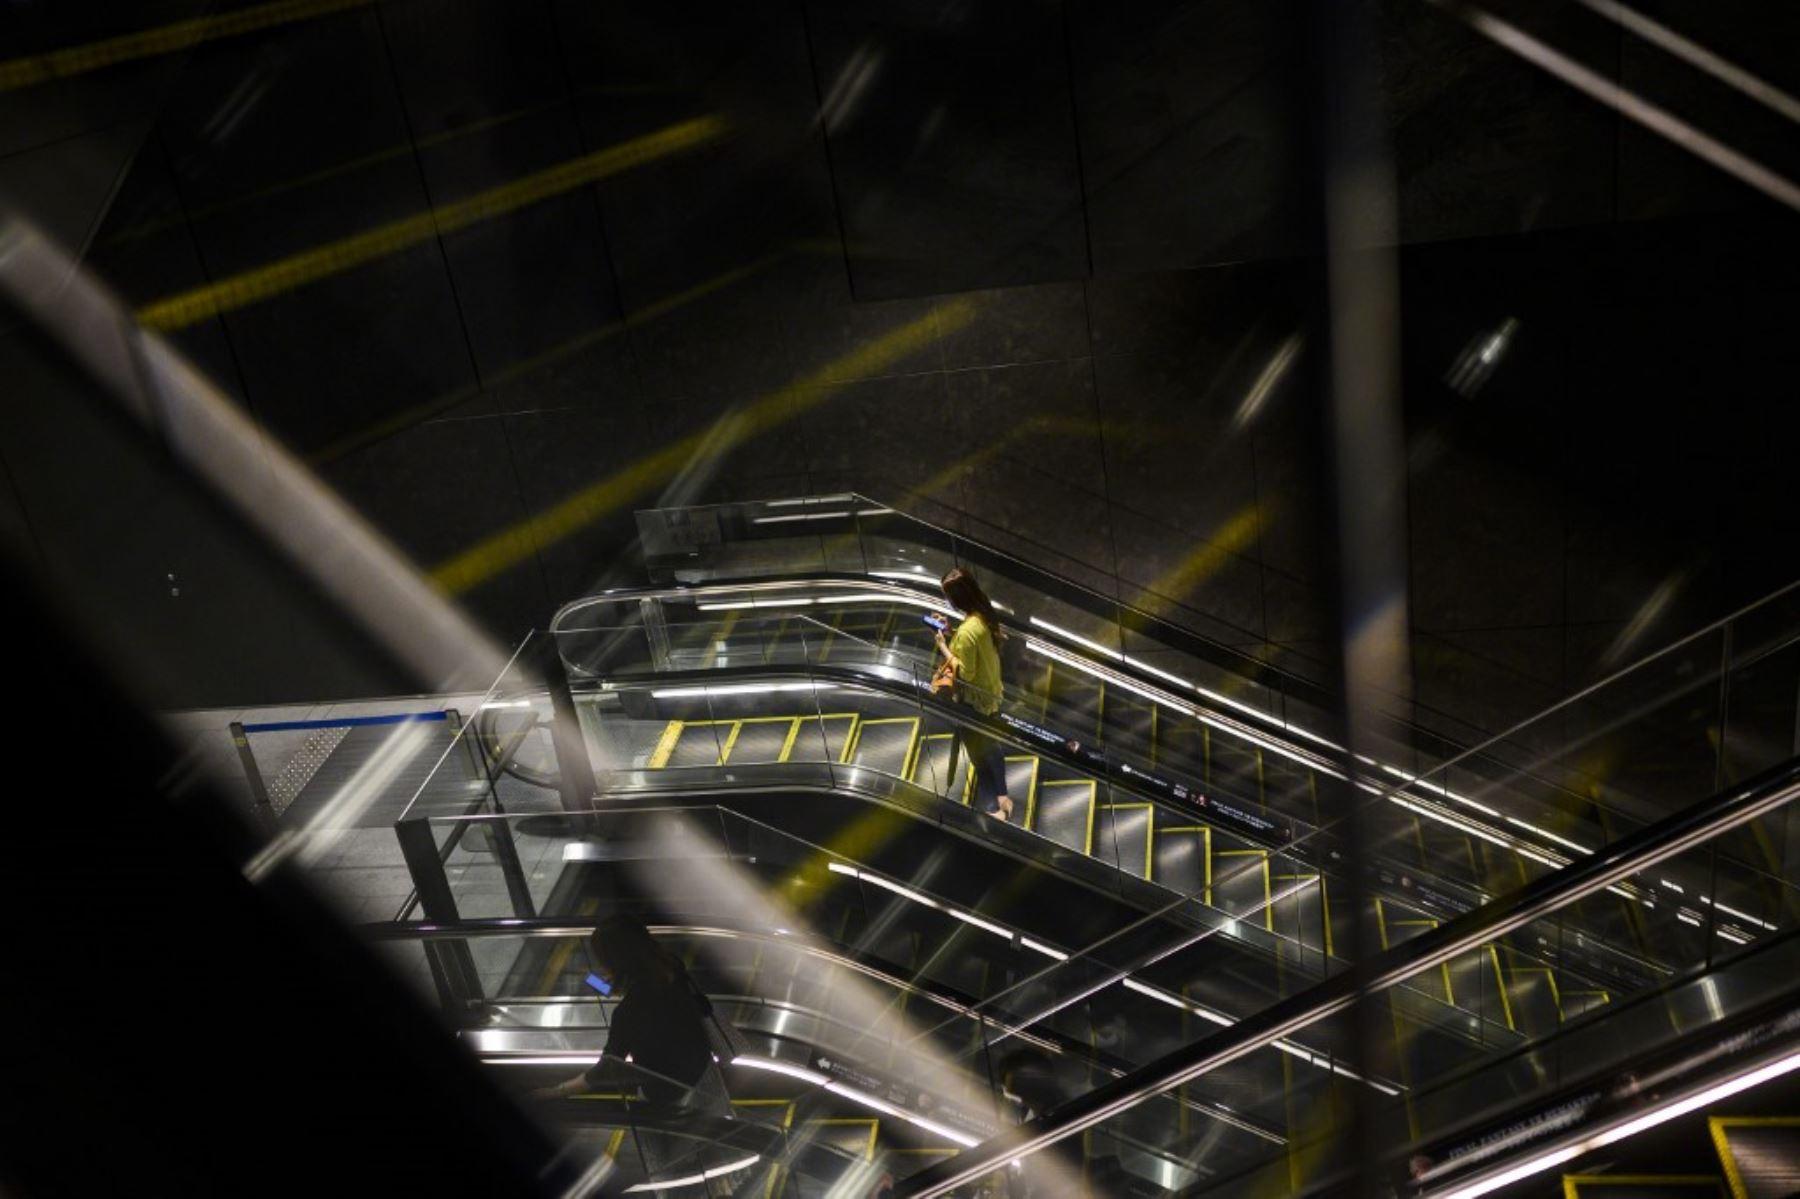 Una mujer que llevaba una máscara facial se sube a una escalera mecánica en el centro comercial Tokyo. Foto: AFP